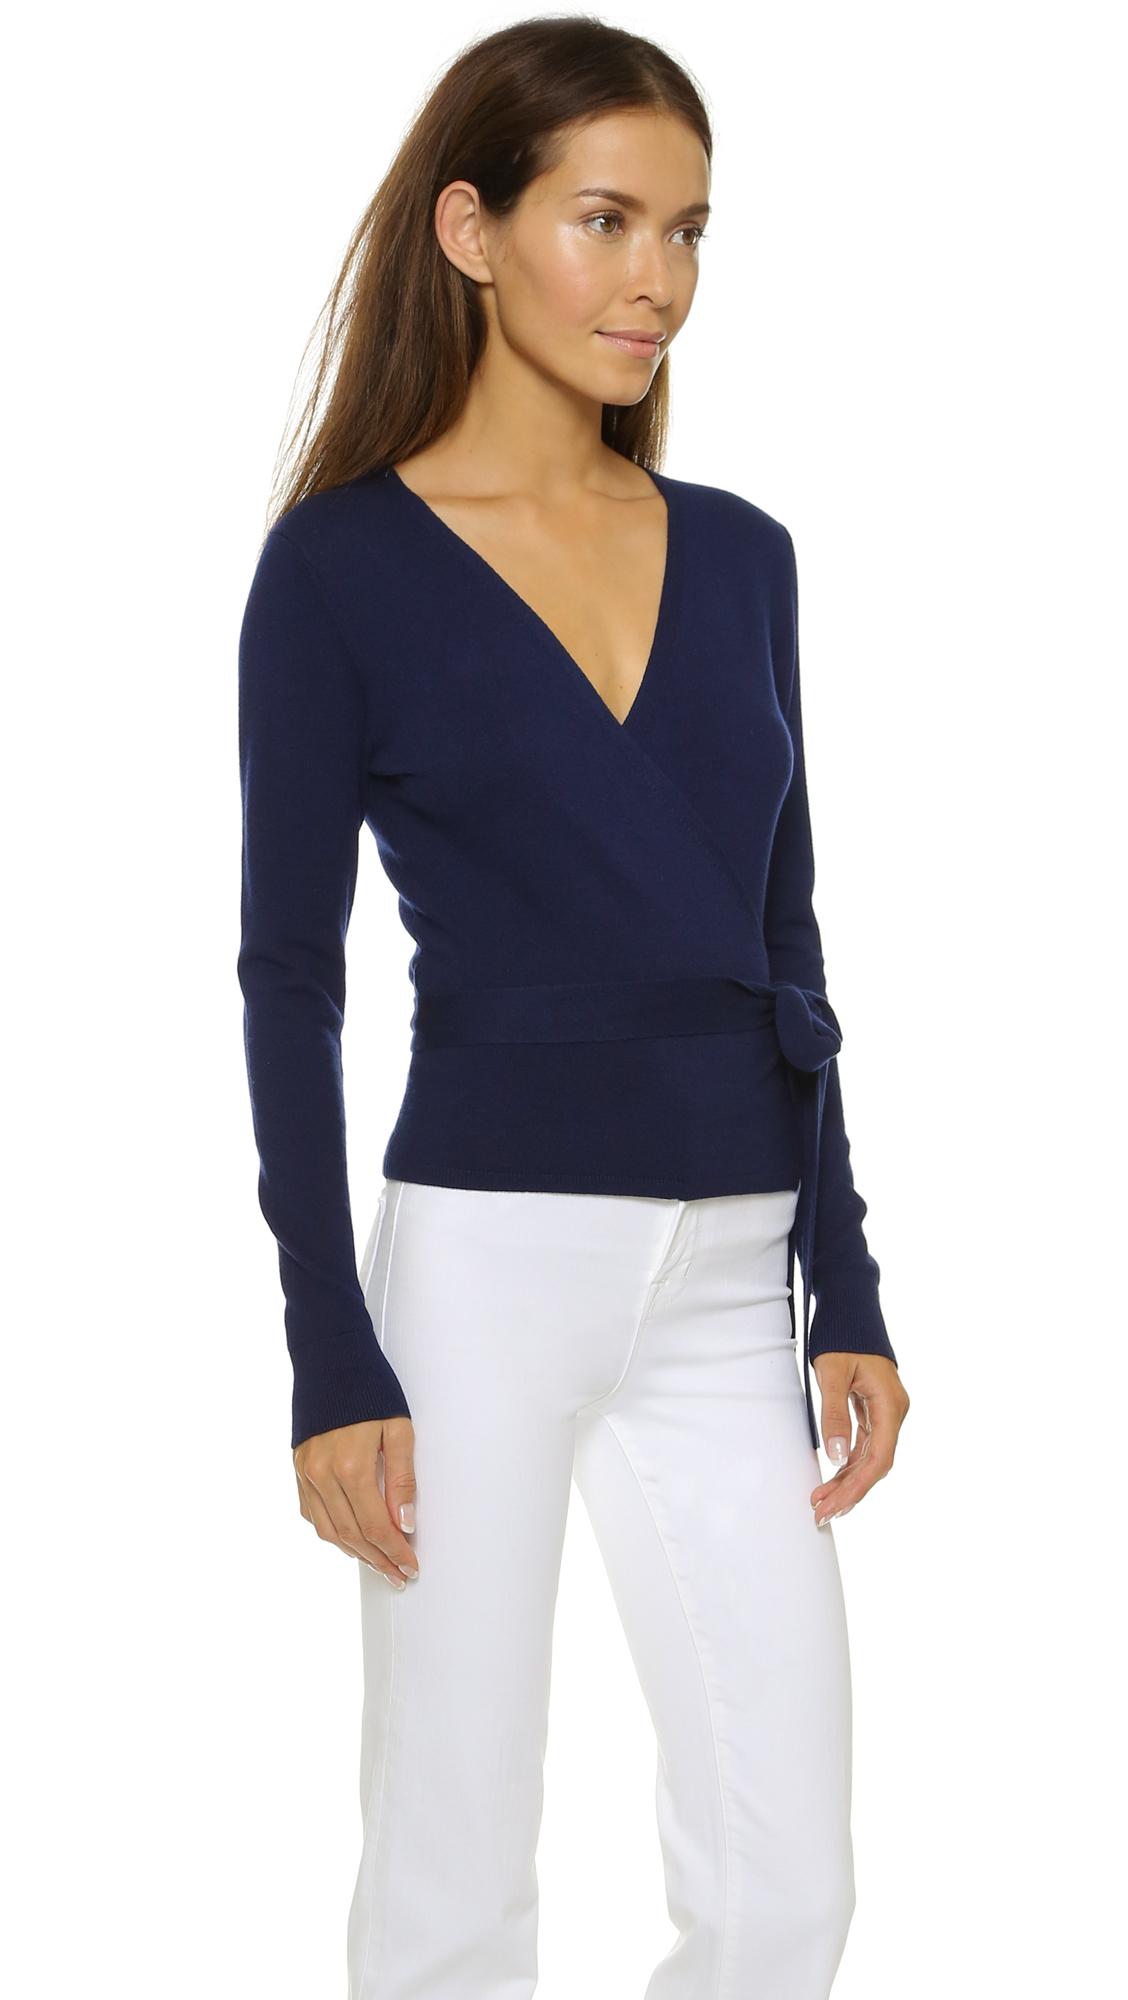 Diane von furstenberg Ballerina Wrap Sweater - Midnight in Blue | Lyst